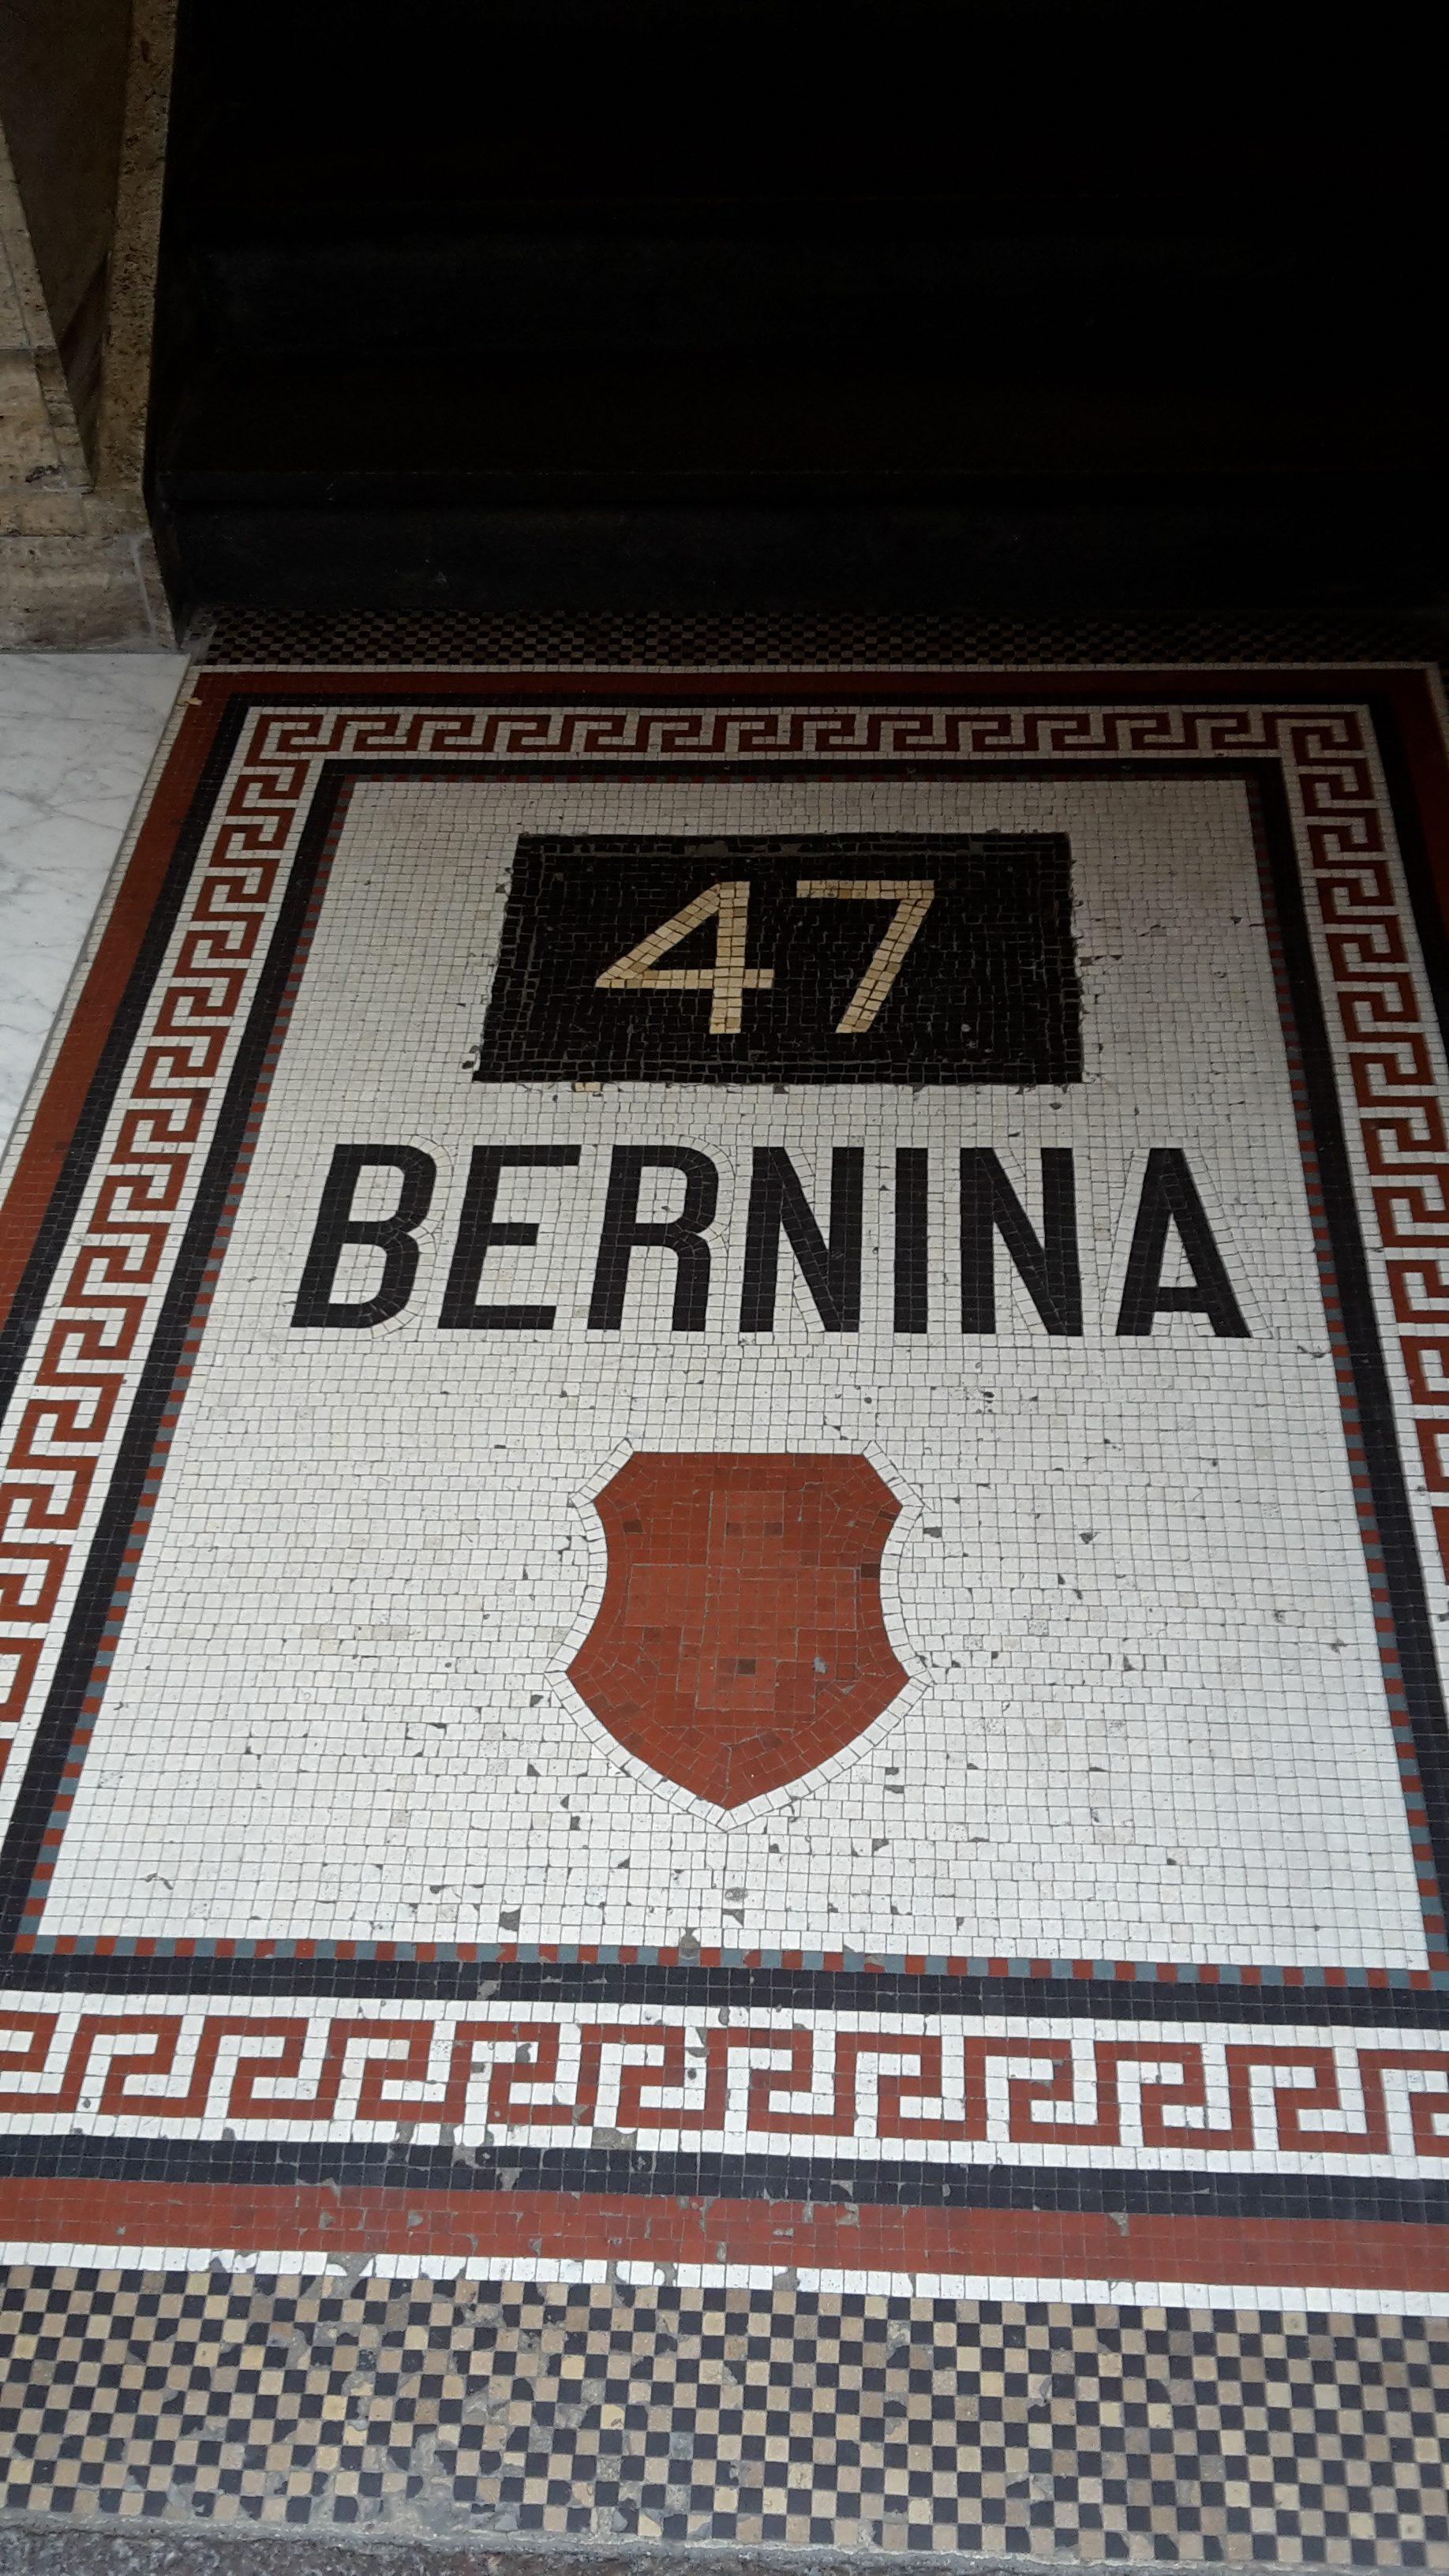 1e5f8cfae1b Jorcks Passage og Café Bernina – en fortælling fra Strøget i 1894 ...